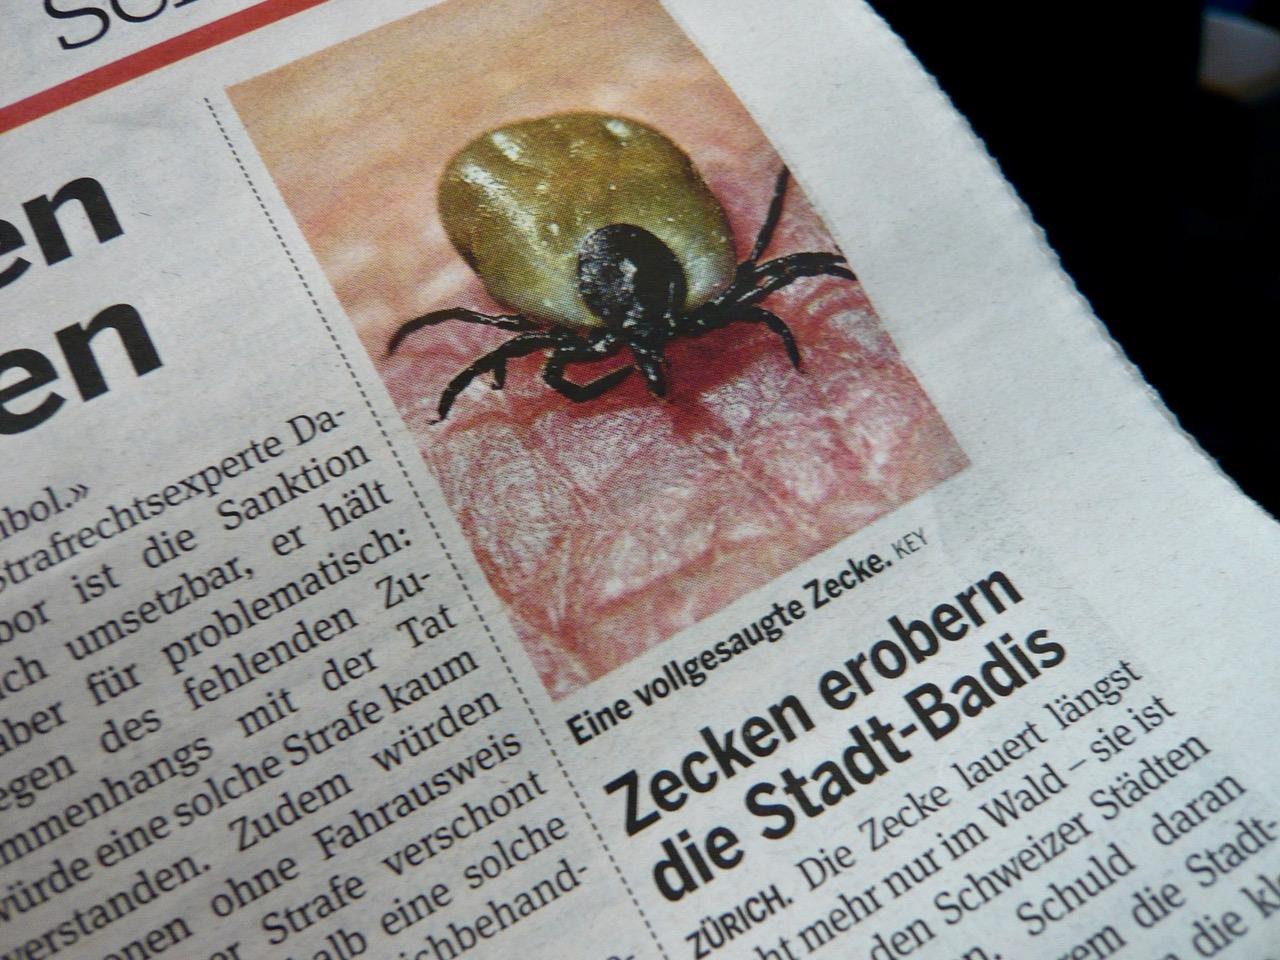 mark_benecke_herbert_hoffmann_schweiz - 16.jpeg